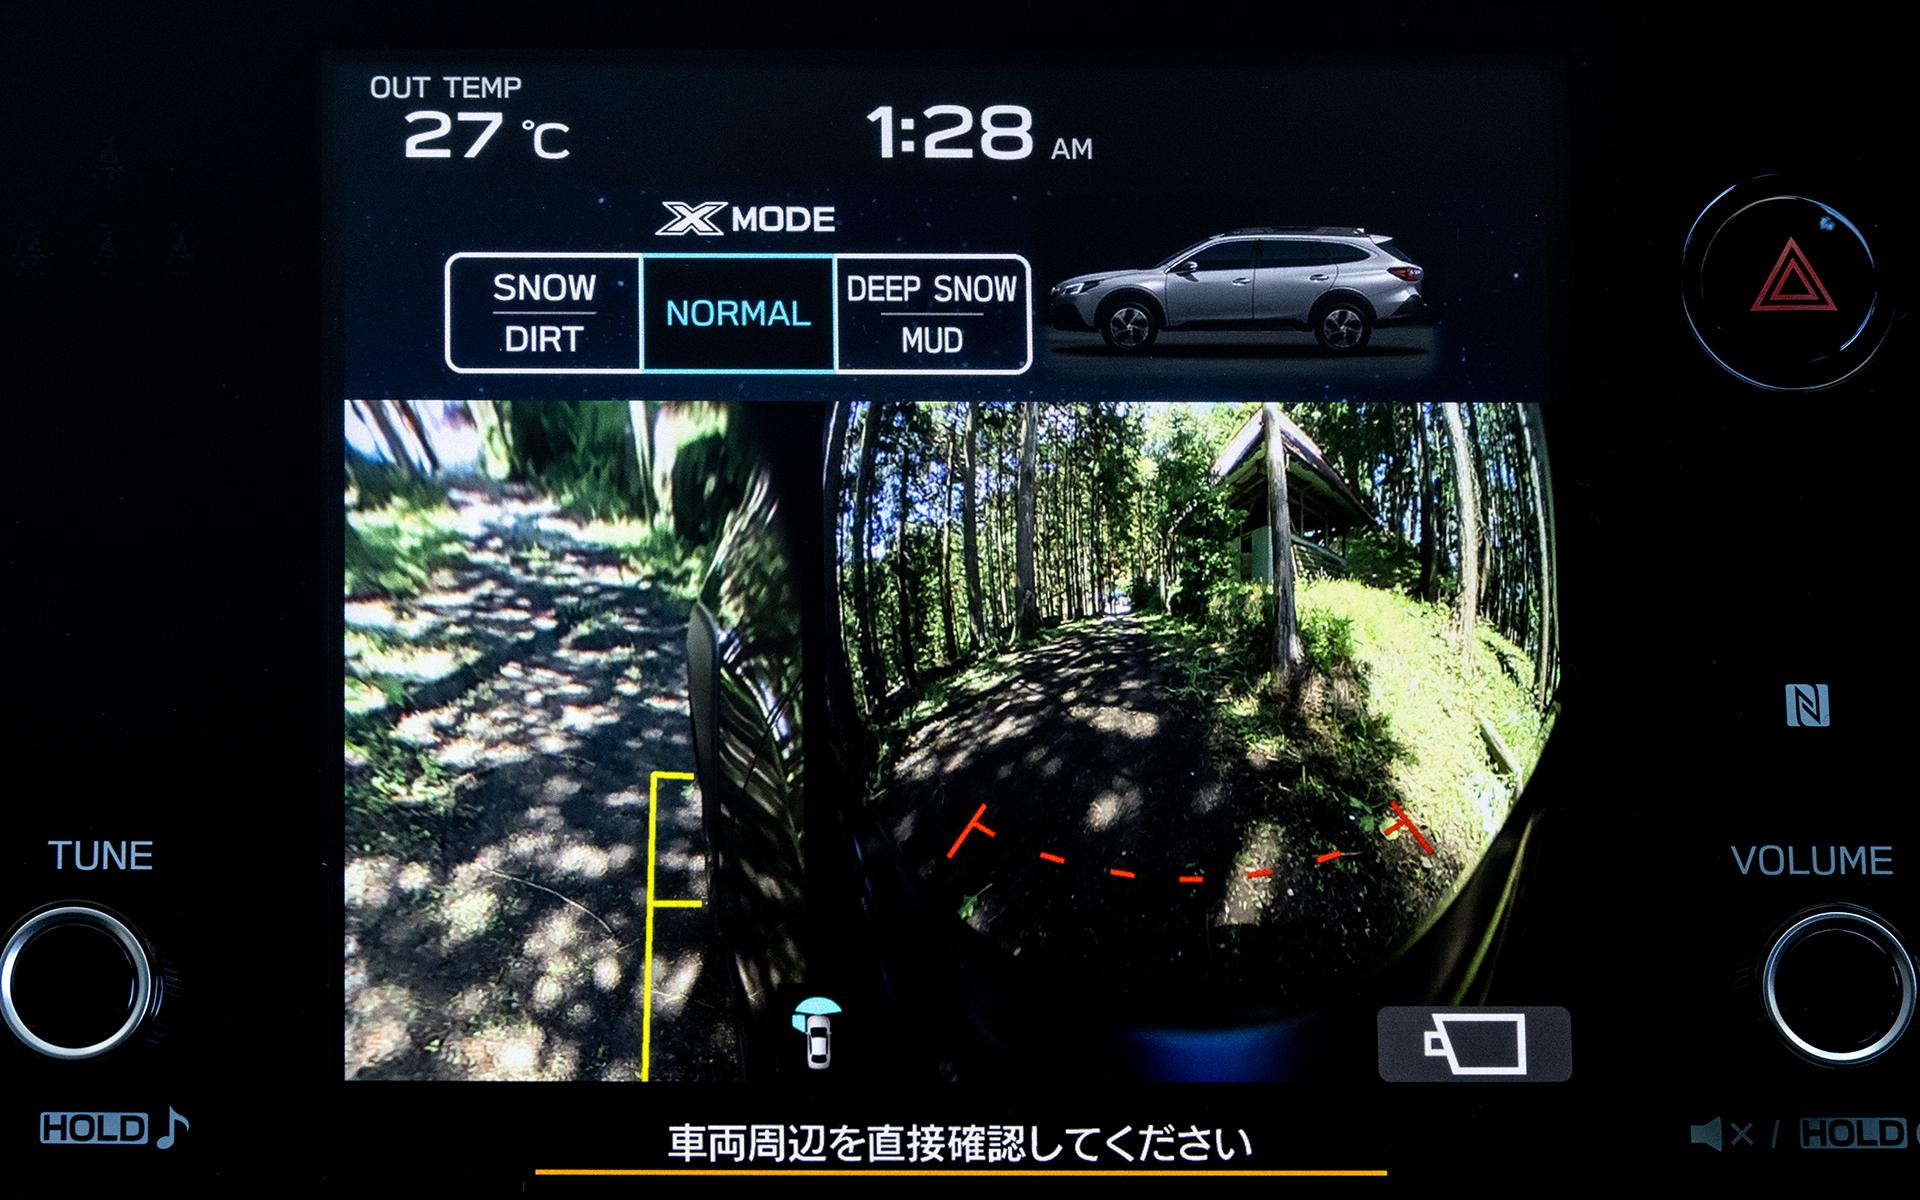 カメラ表示は助手席前方のほか2画面、リアも選択できる